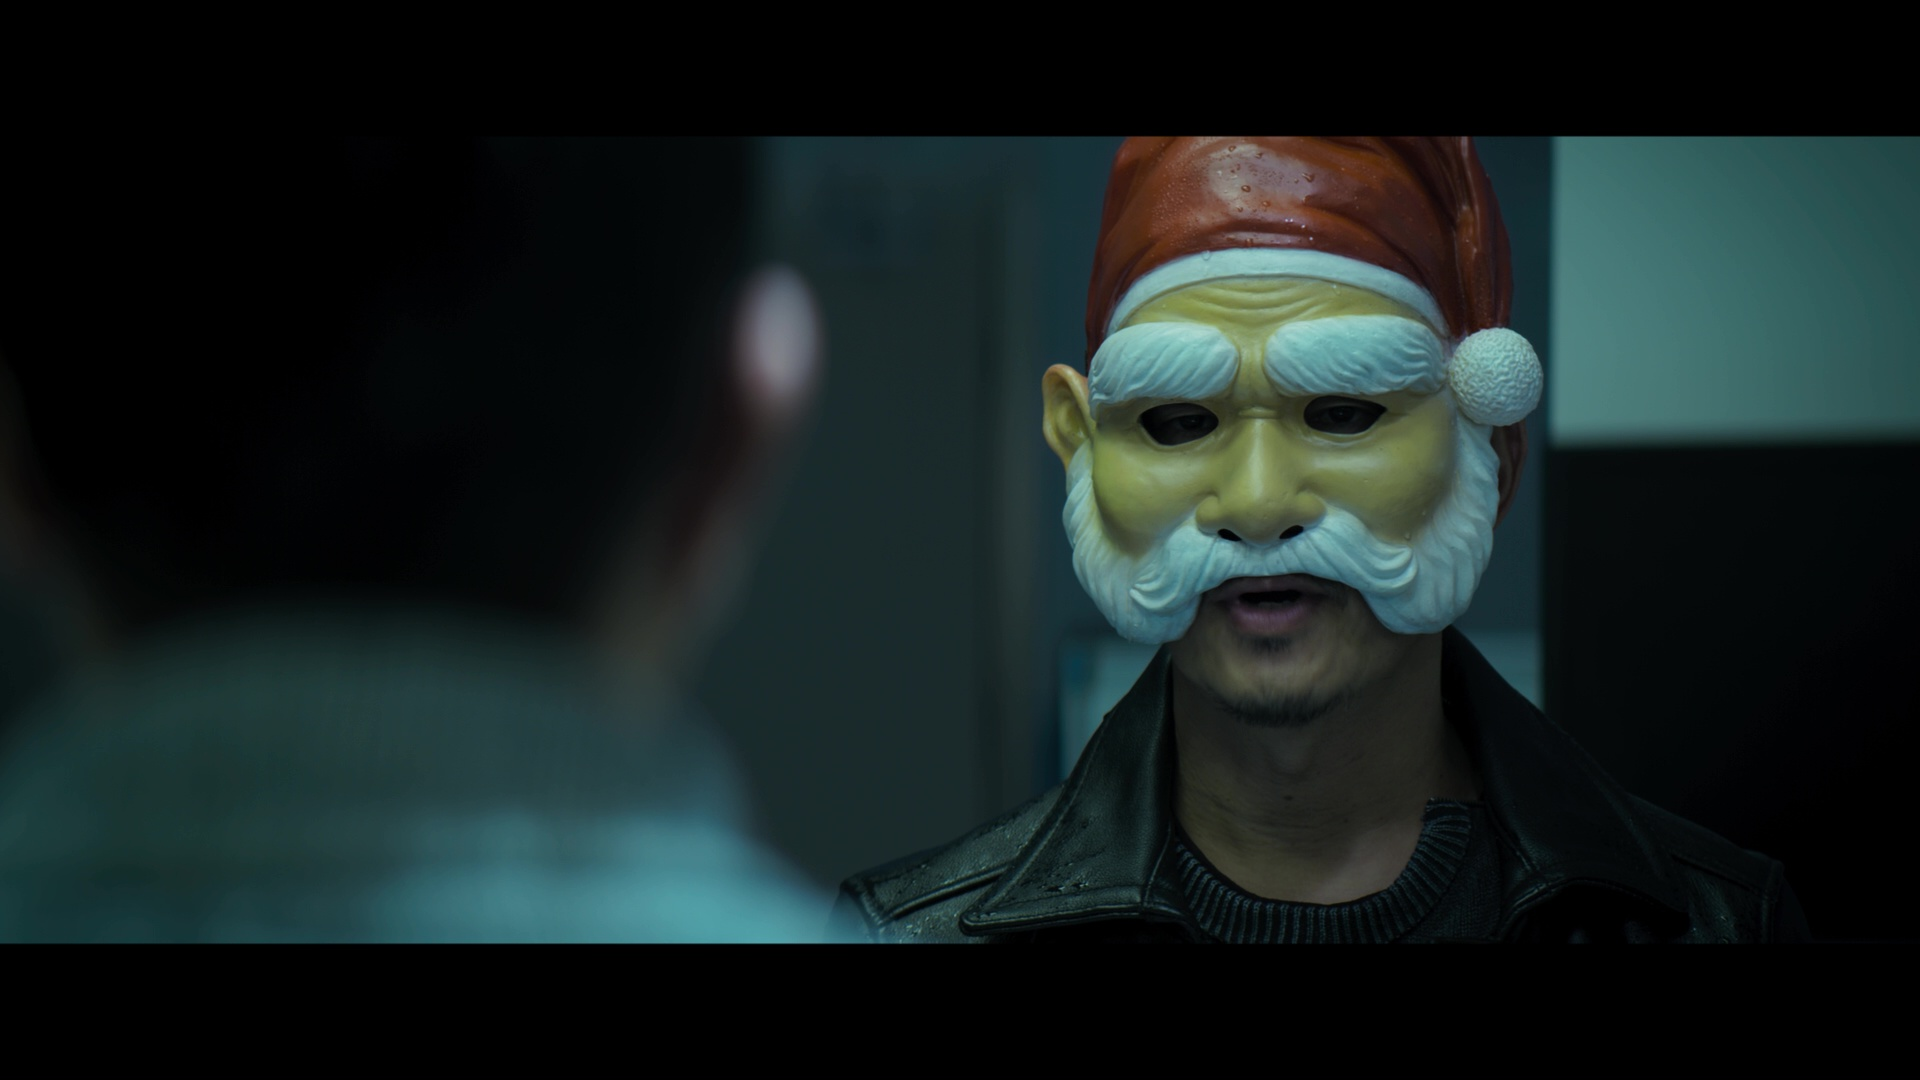 Testigos silenciosos (2019) 1080p BDrip Latino